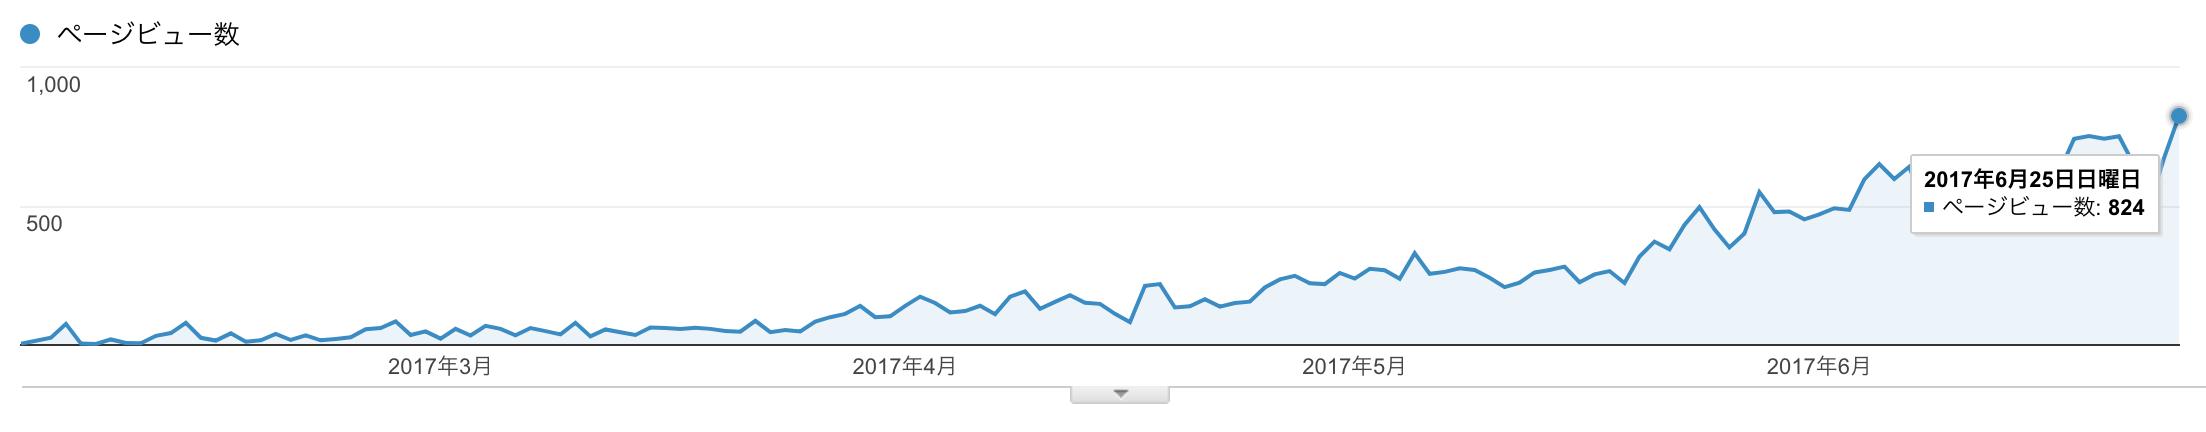 1日800PV達成!ブログ開設からの期間、記事数、更新頻度について